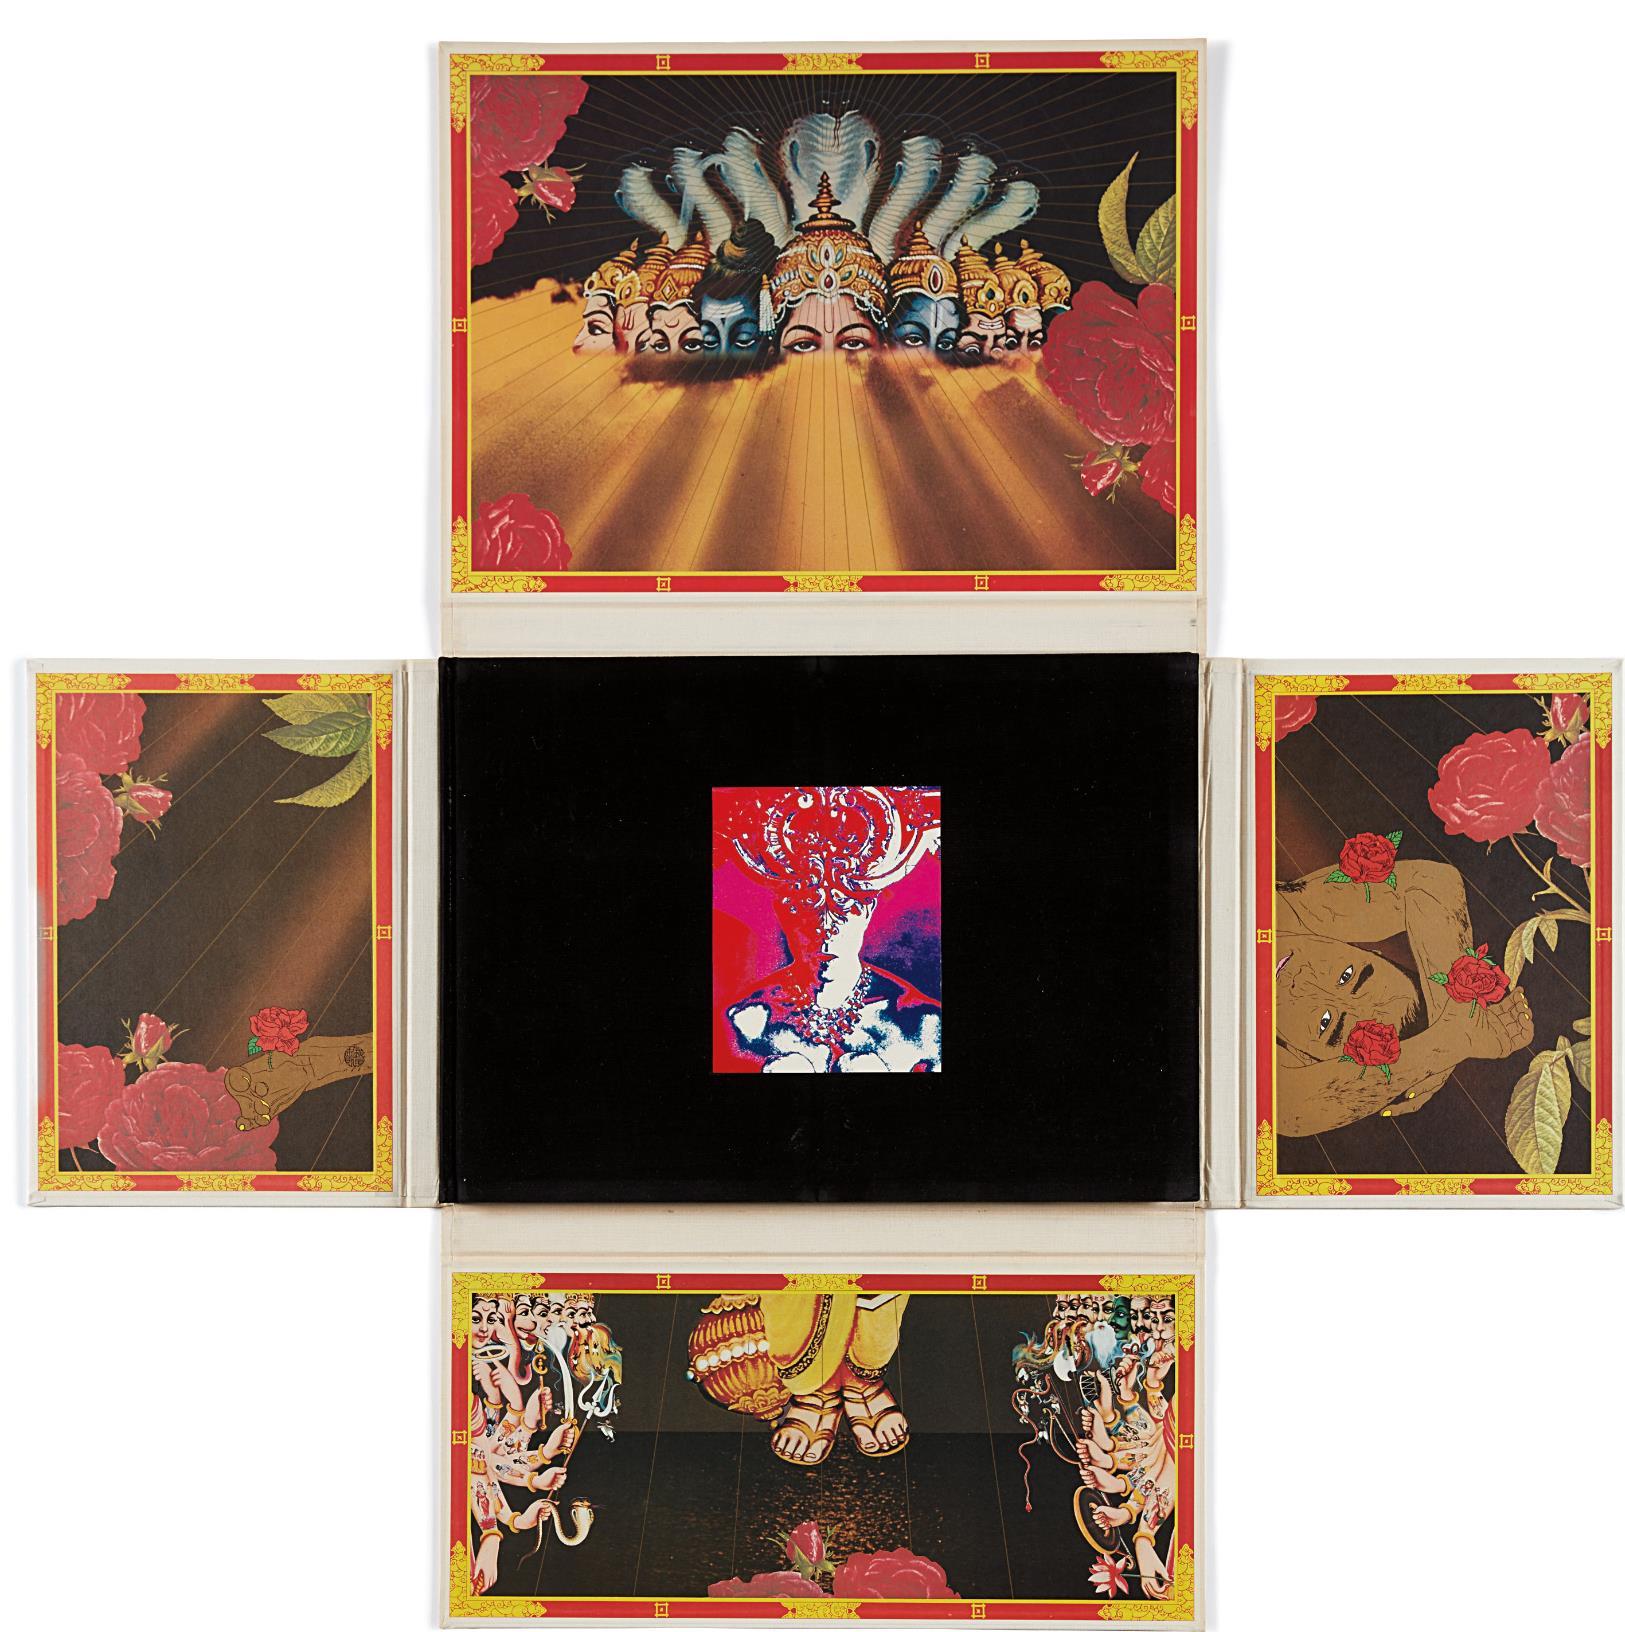 Eikoh Hosoe-Barakei Shinshuban – Ordeal by Roses Re-Edited-1971